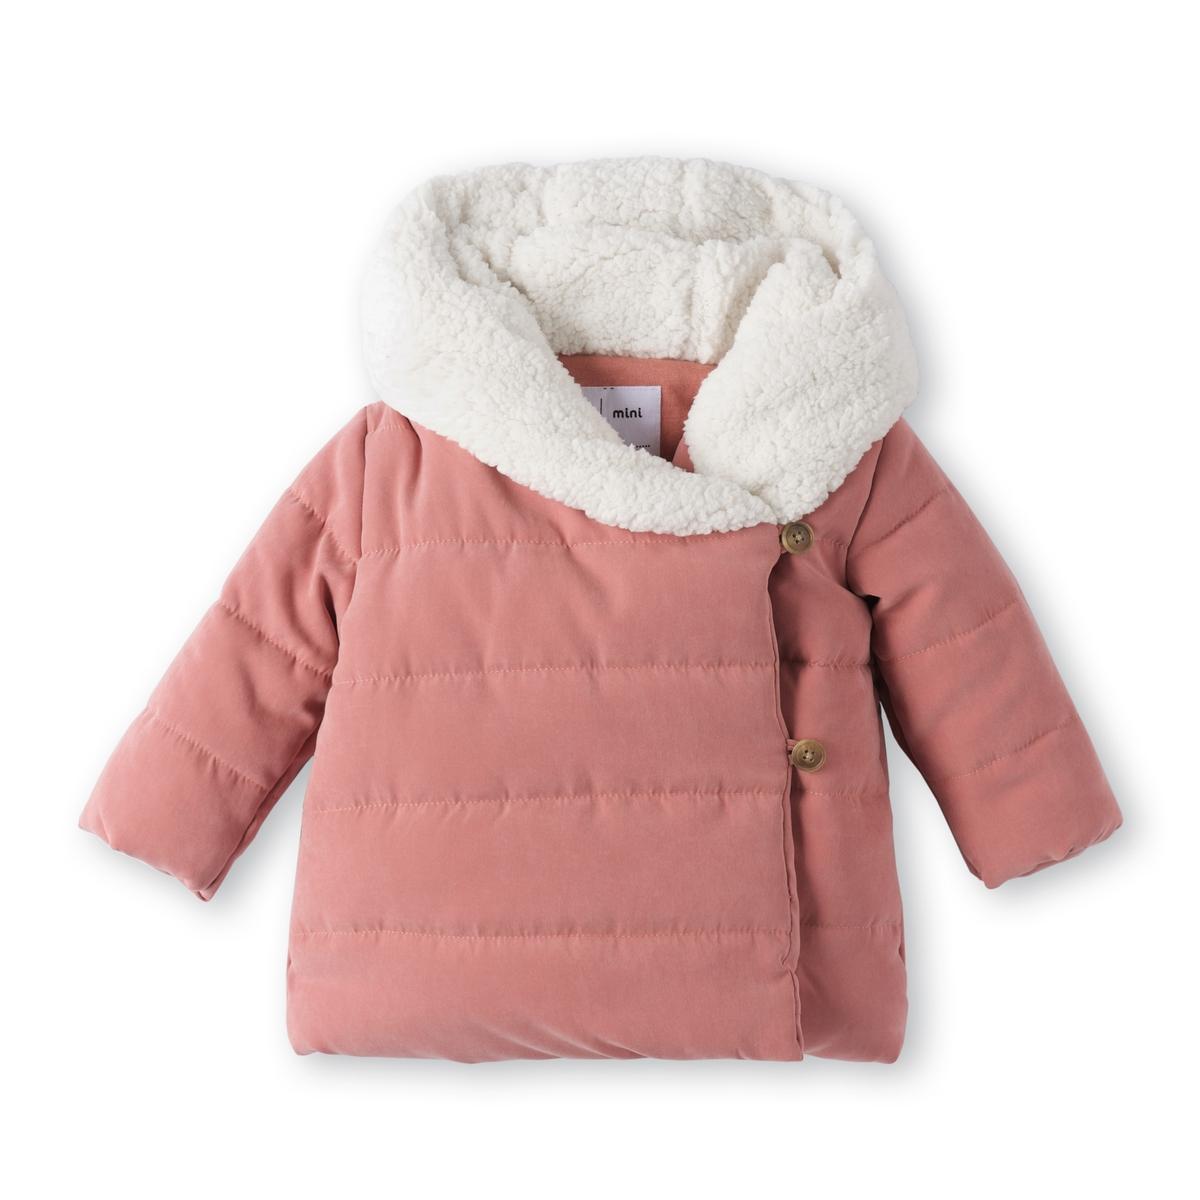 Куртка с капюшономДетали •  Зимняя модель •  Непромокаемая •  Застежка на молнию •  С капюшоном •  Длина  : удлиненная модельСостав и уход •  10% полиамида, 90% полиэстера •  Наполнитель : 100% полиэстер •  Температура стирки при 30° на деликатном режиме   •  Не гладить/ не отбеливать •  Не использовать барабанную сушку • Сухая чистка запрещена<br><br>Цвет: розовый<br>Размер: 1 мес. - 54 см.18 мес. - 81 см.1 год - 74 см.6 мес. - 67 см.3 мес. - 60 см.9 мес. - 71 см